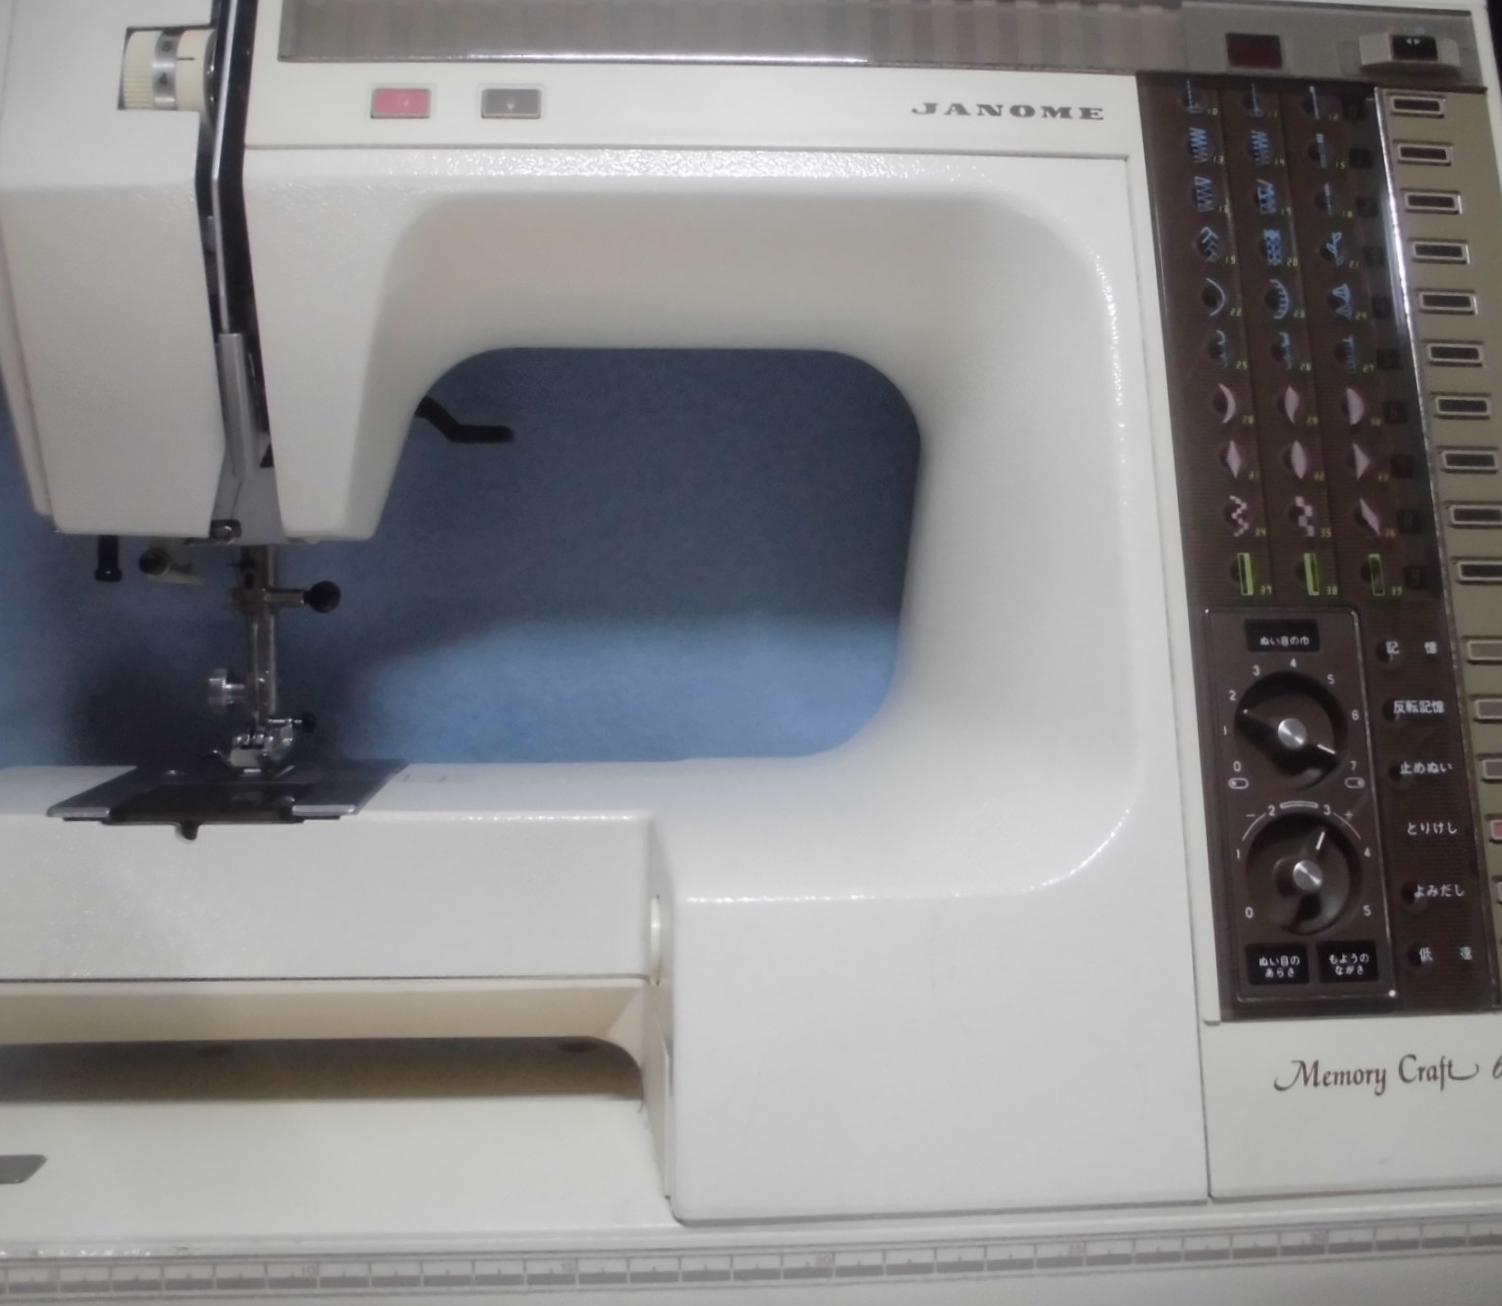 ジャノメミシンの修理|メモリークラフト6500|針基線のずれ、ジグザグが縫えない、針が動かない